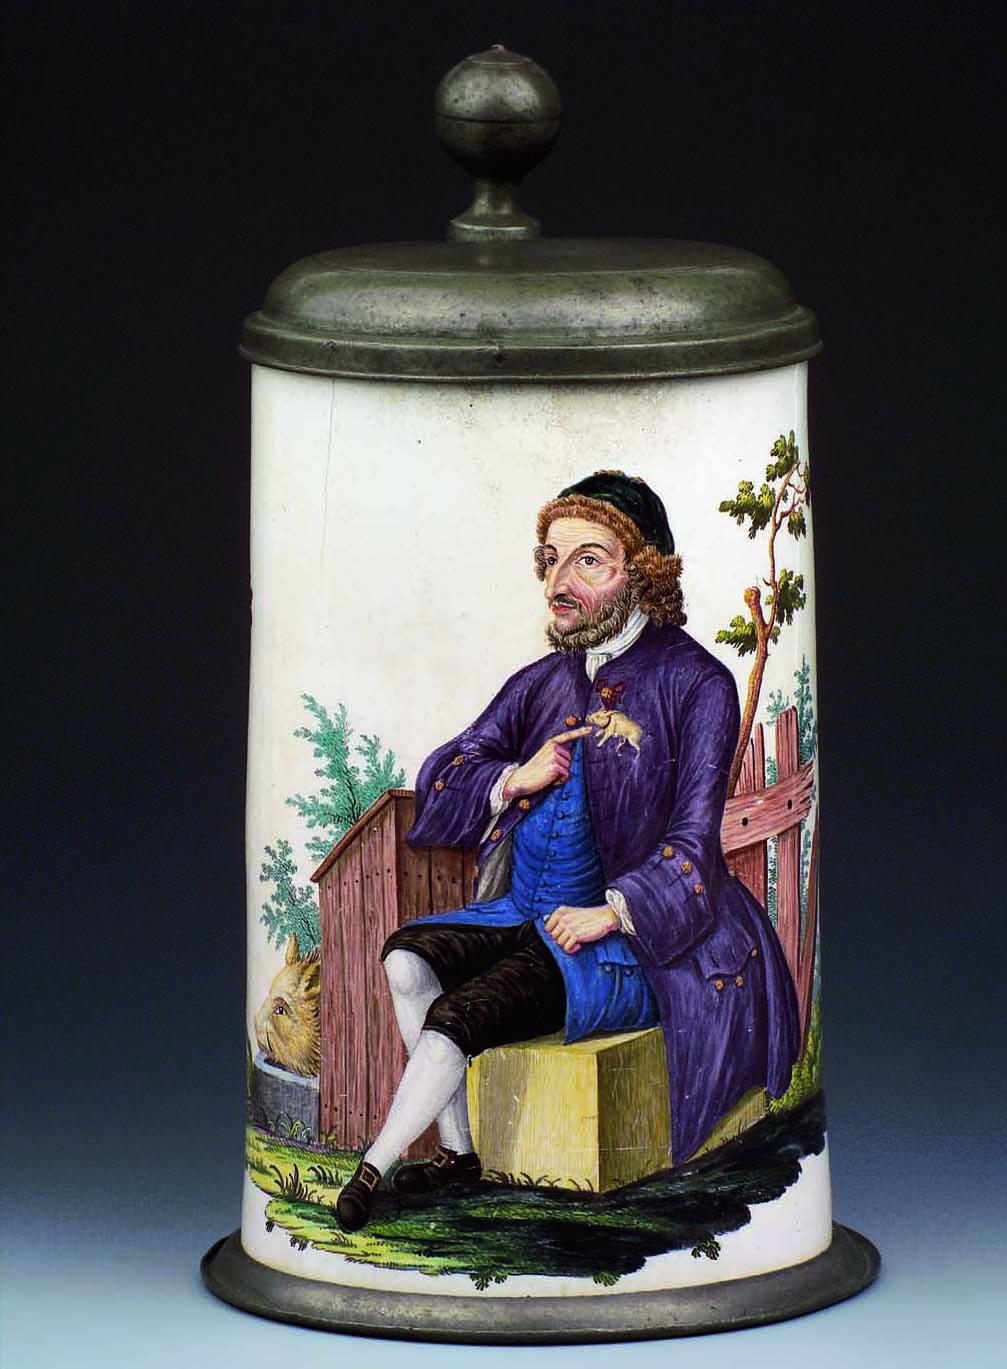 Haus malerkrug mit dem Porträt eines Juden, Bayreuth um 1765, Sammlung Neuner